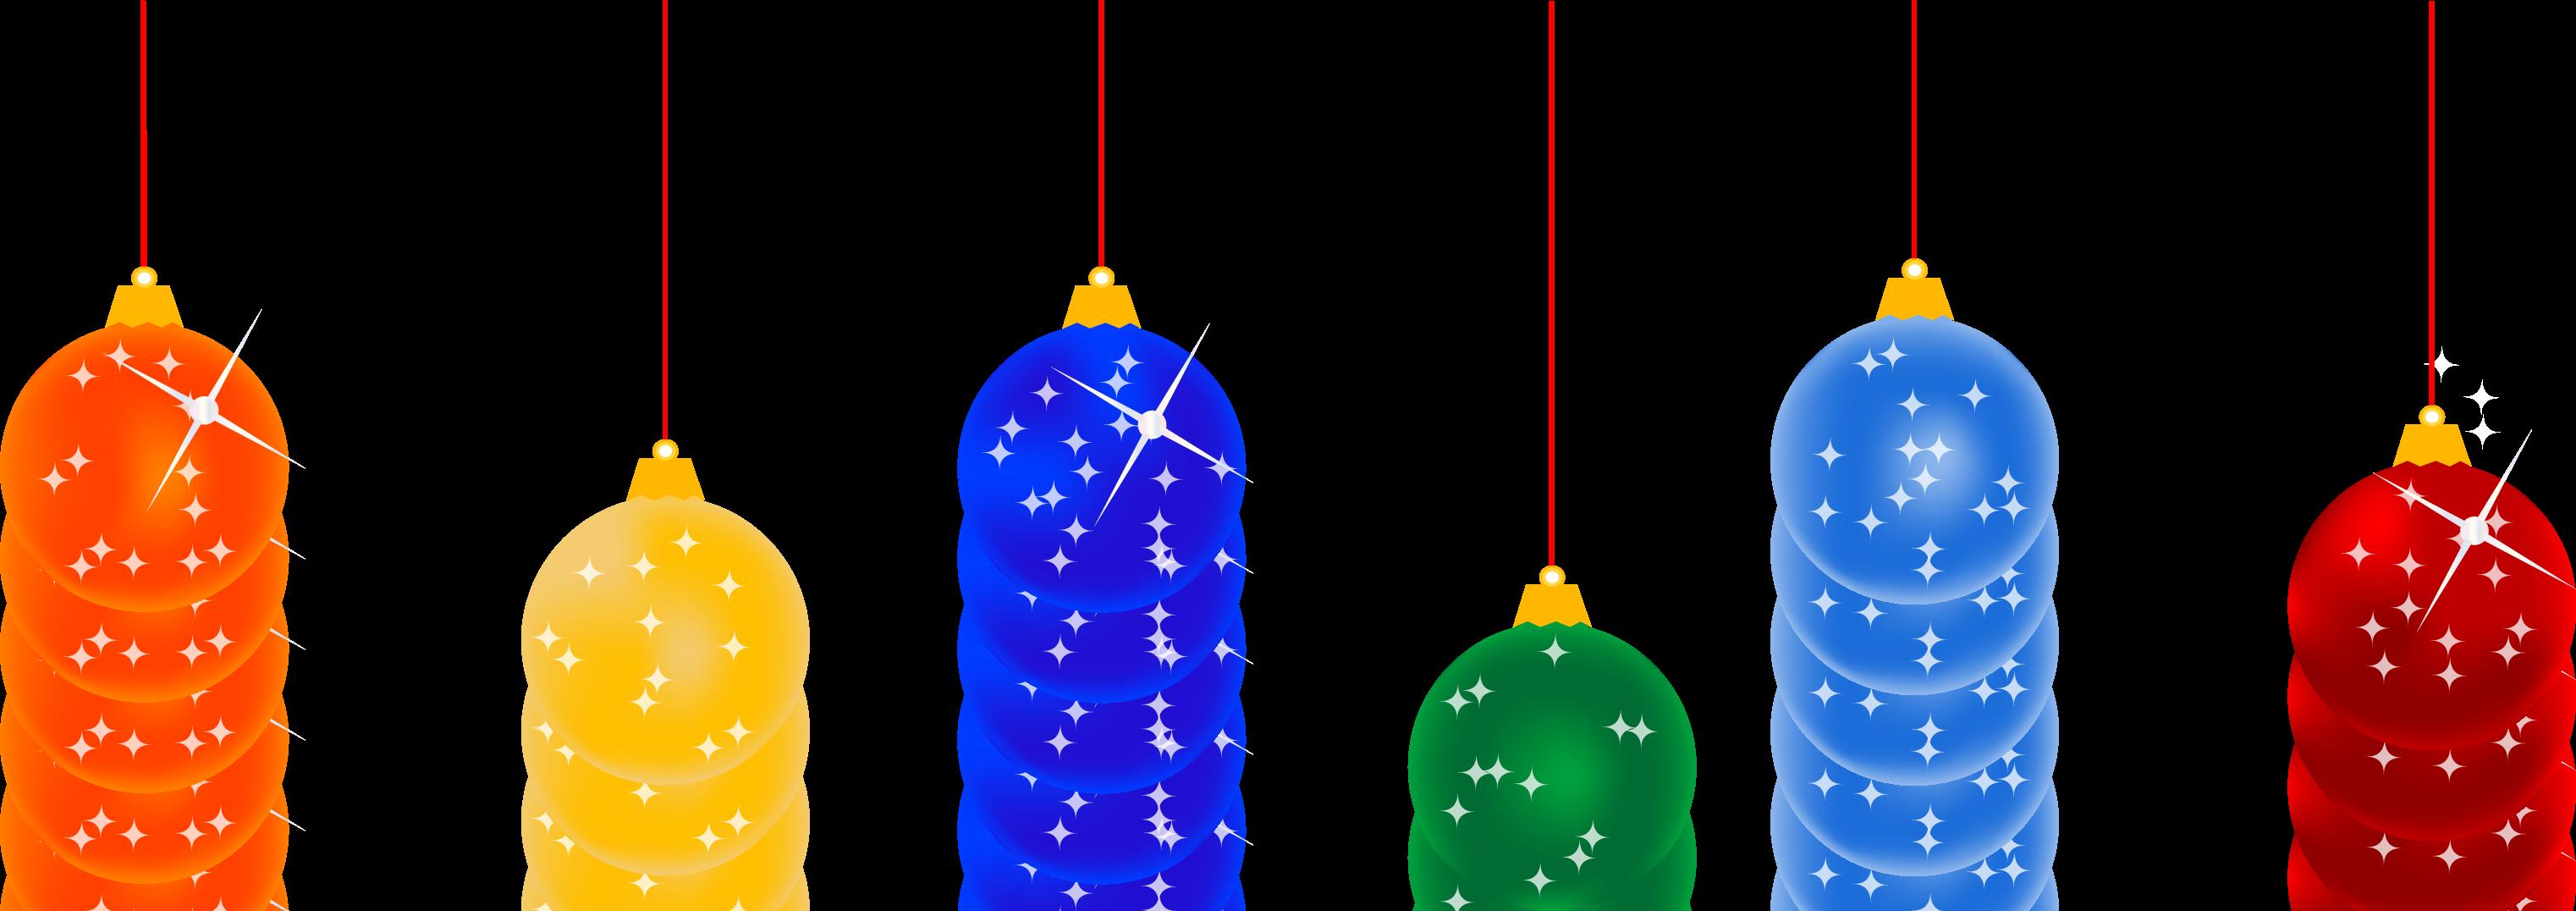 Christmas Png Transparent Images Png All Navidad Png Etiquetas Para Frascos Esferas Navidenas